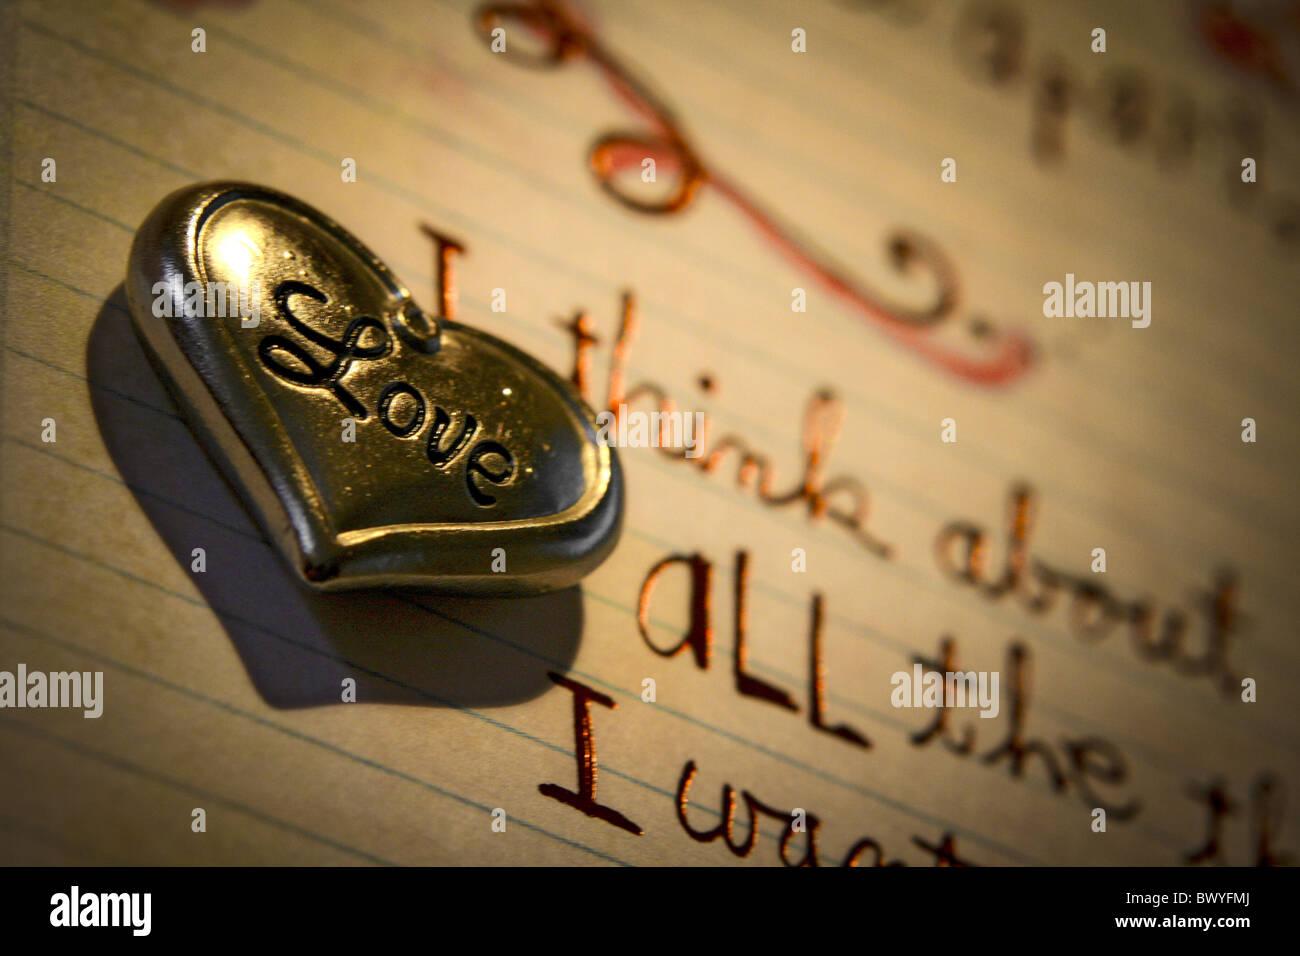 Lovelly cœur sur une carte postale Photo Stock